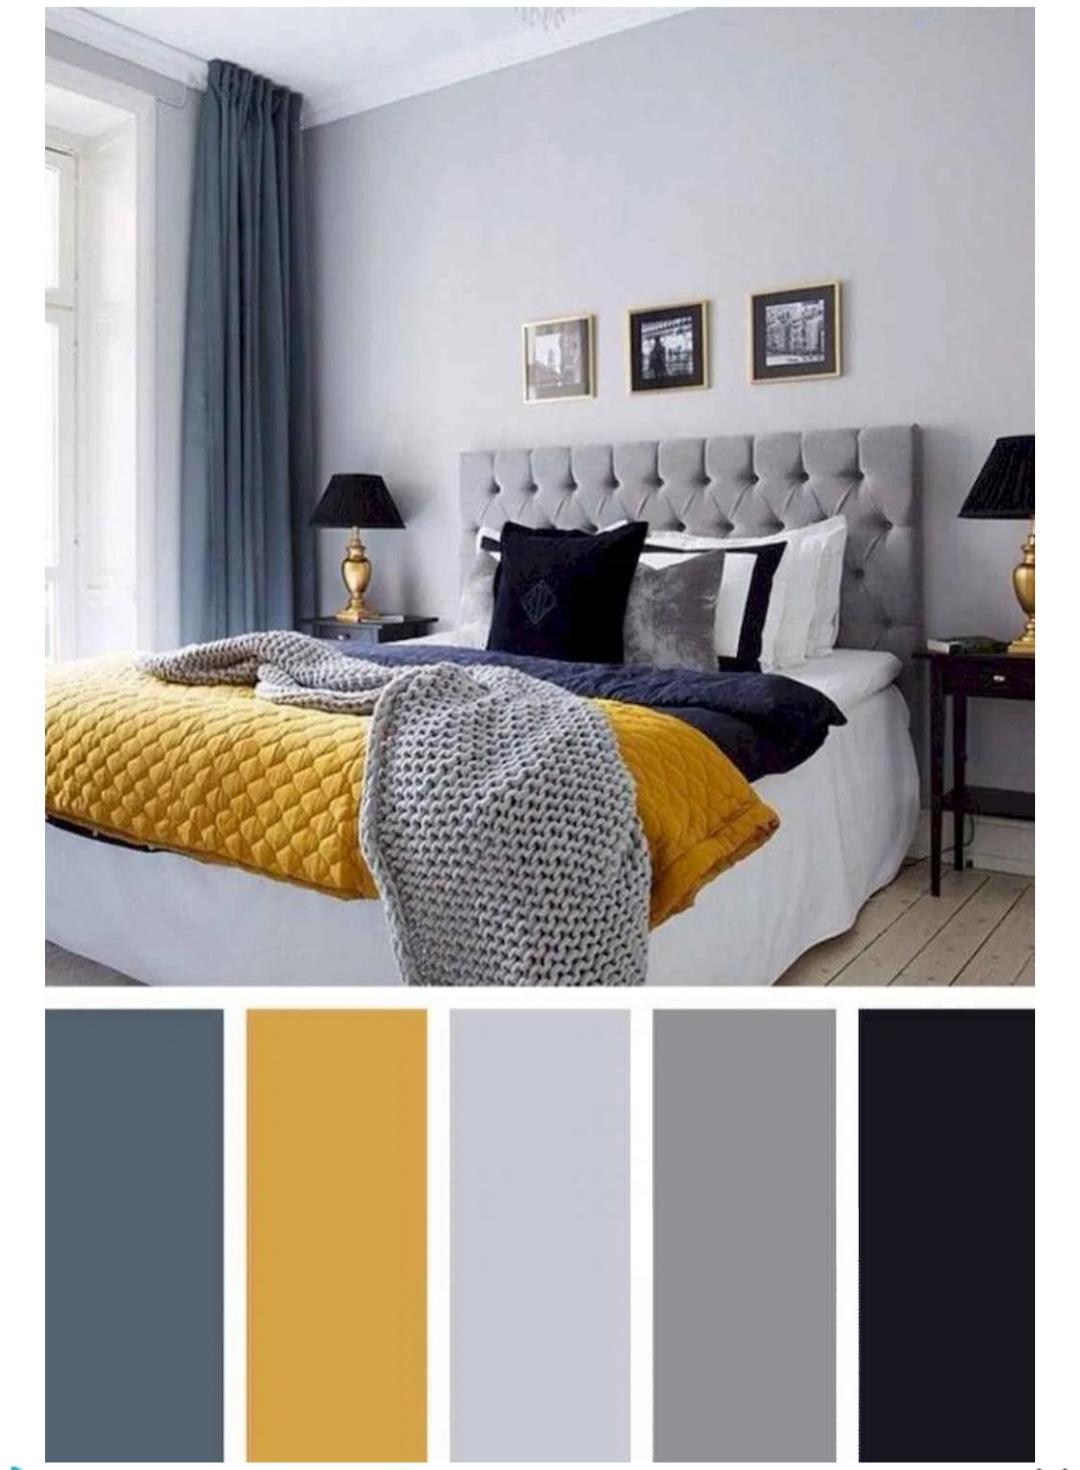 Barevné kombinace nejen do ložnice. - Obrázek č. 2